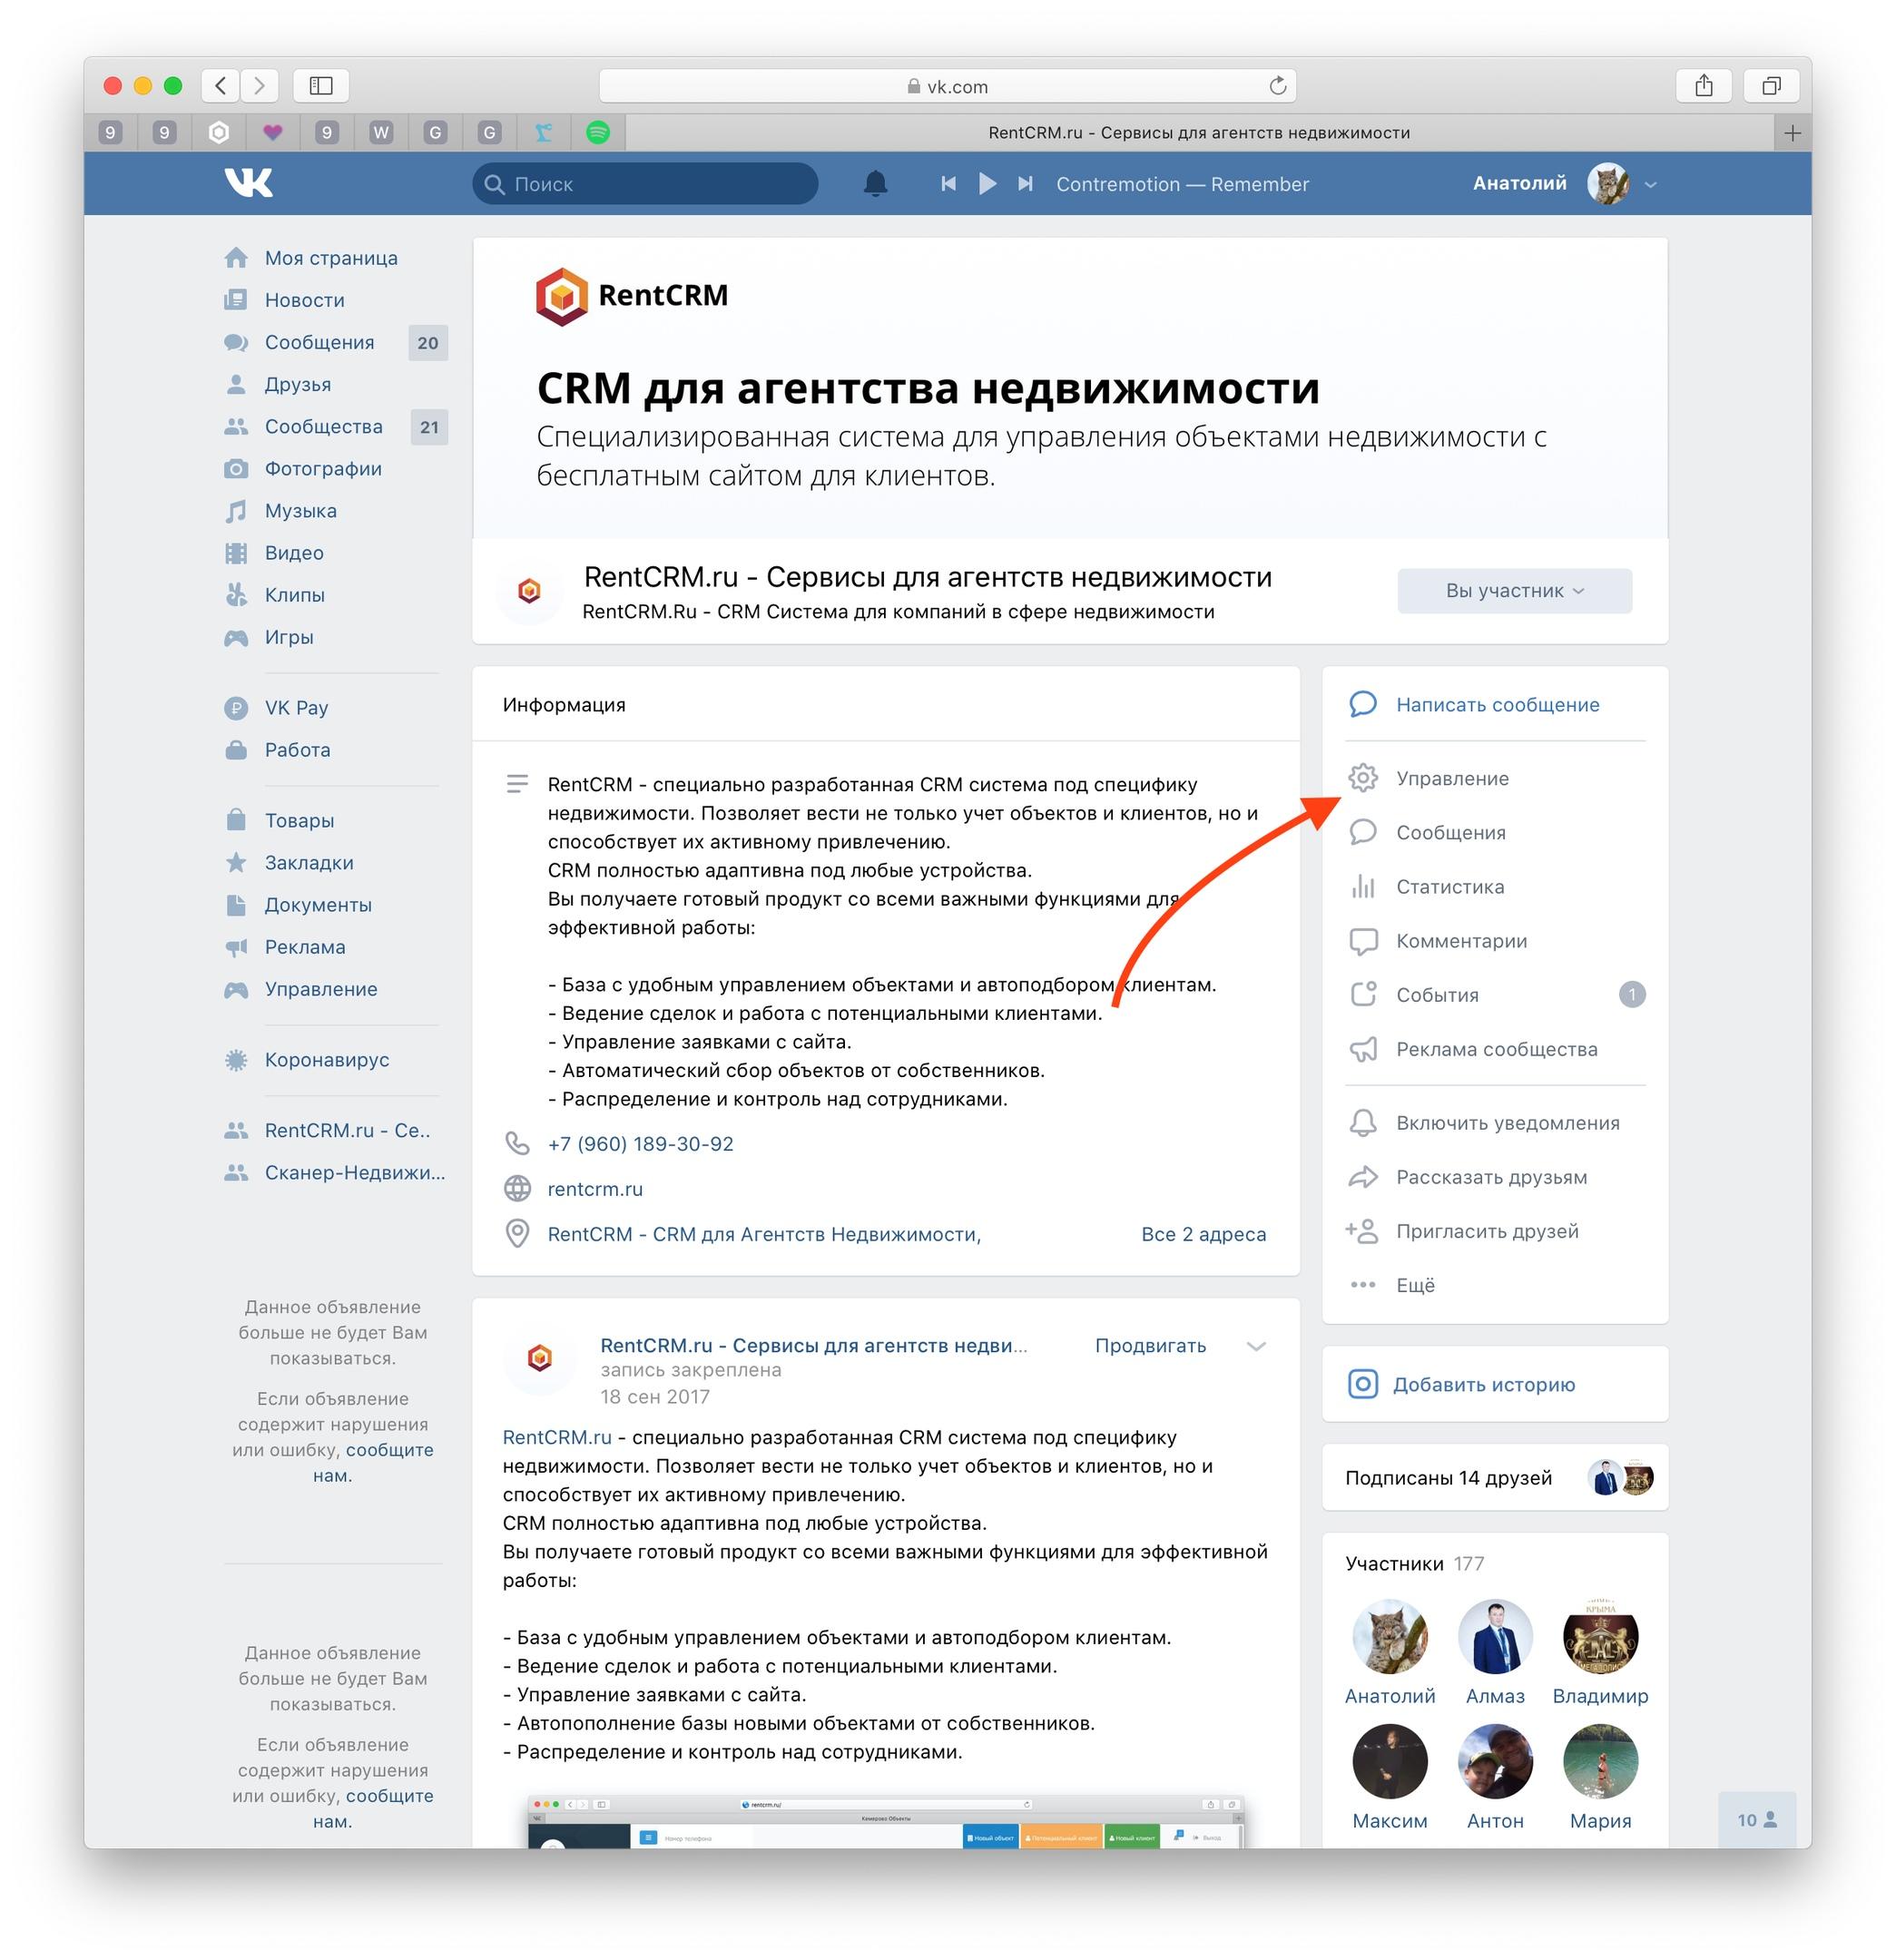 Автоматическая выгрузка в Вконтакте, изображение №3